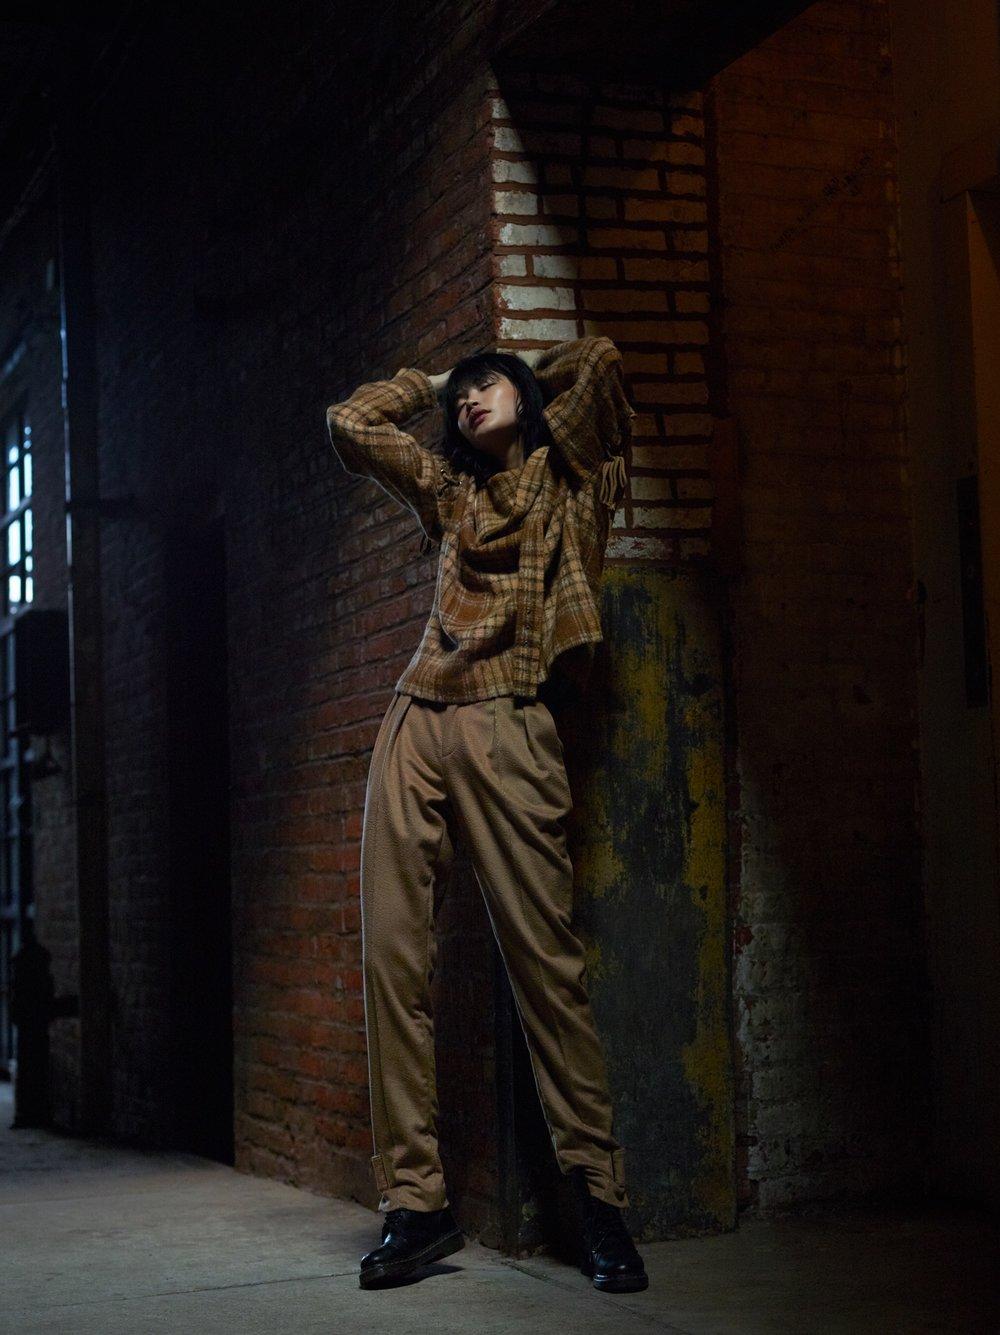 photographer. grayson and jamie hoffman  model. rina fukushi @ women ny  makeup. david razzano  hair. wade lee